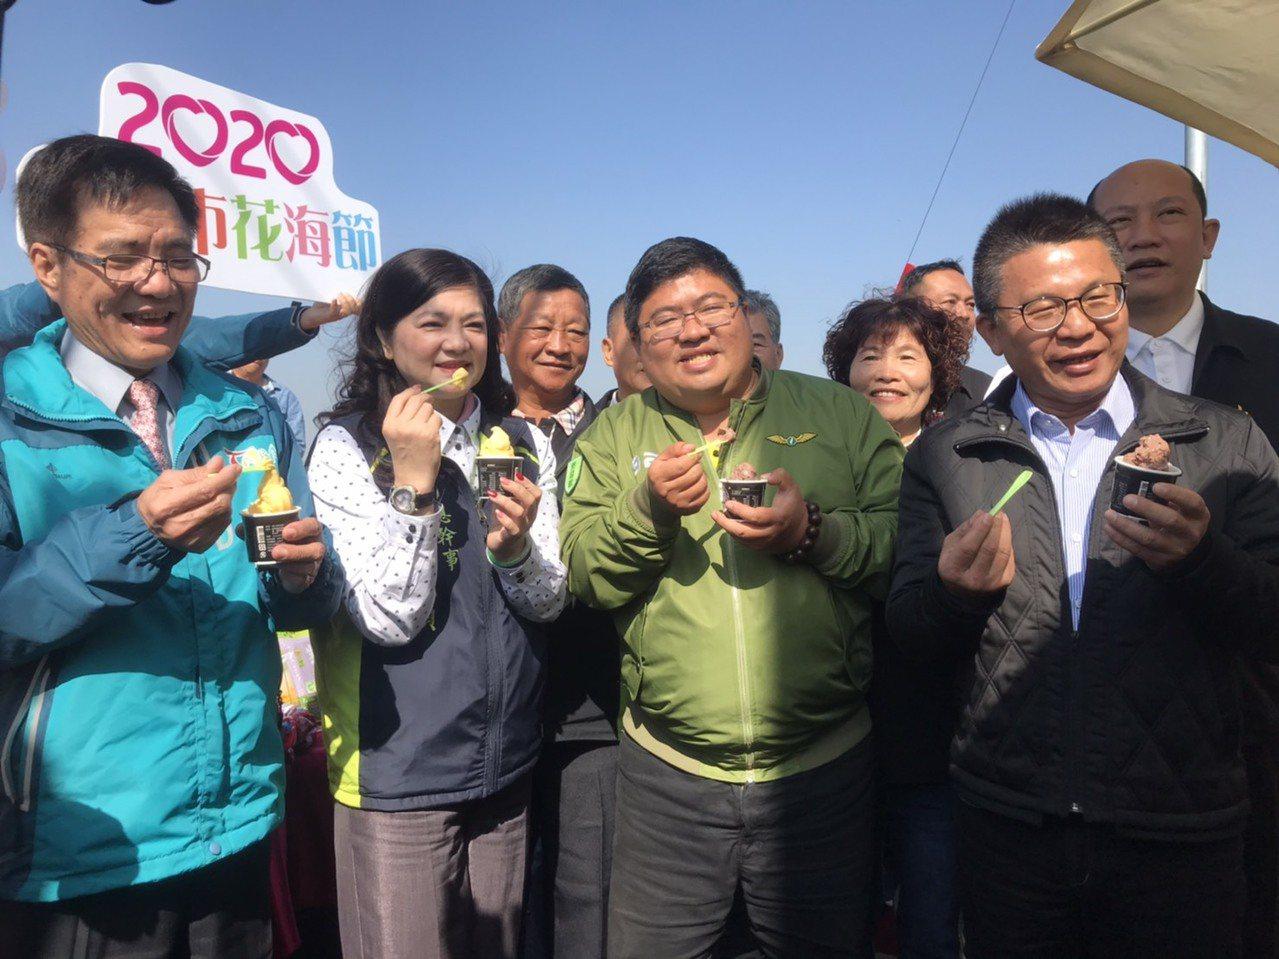 太保市農會成功將溫室洋香瓜與有機米成功製出「洋香瓜冰淇淋」,另有「紫米芋頭冰淇淋...